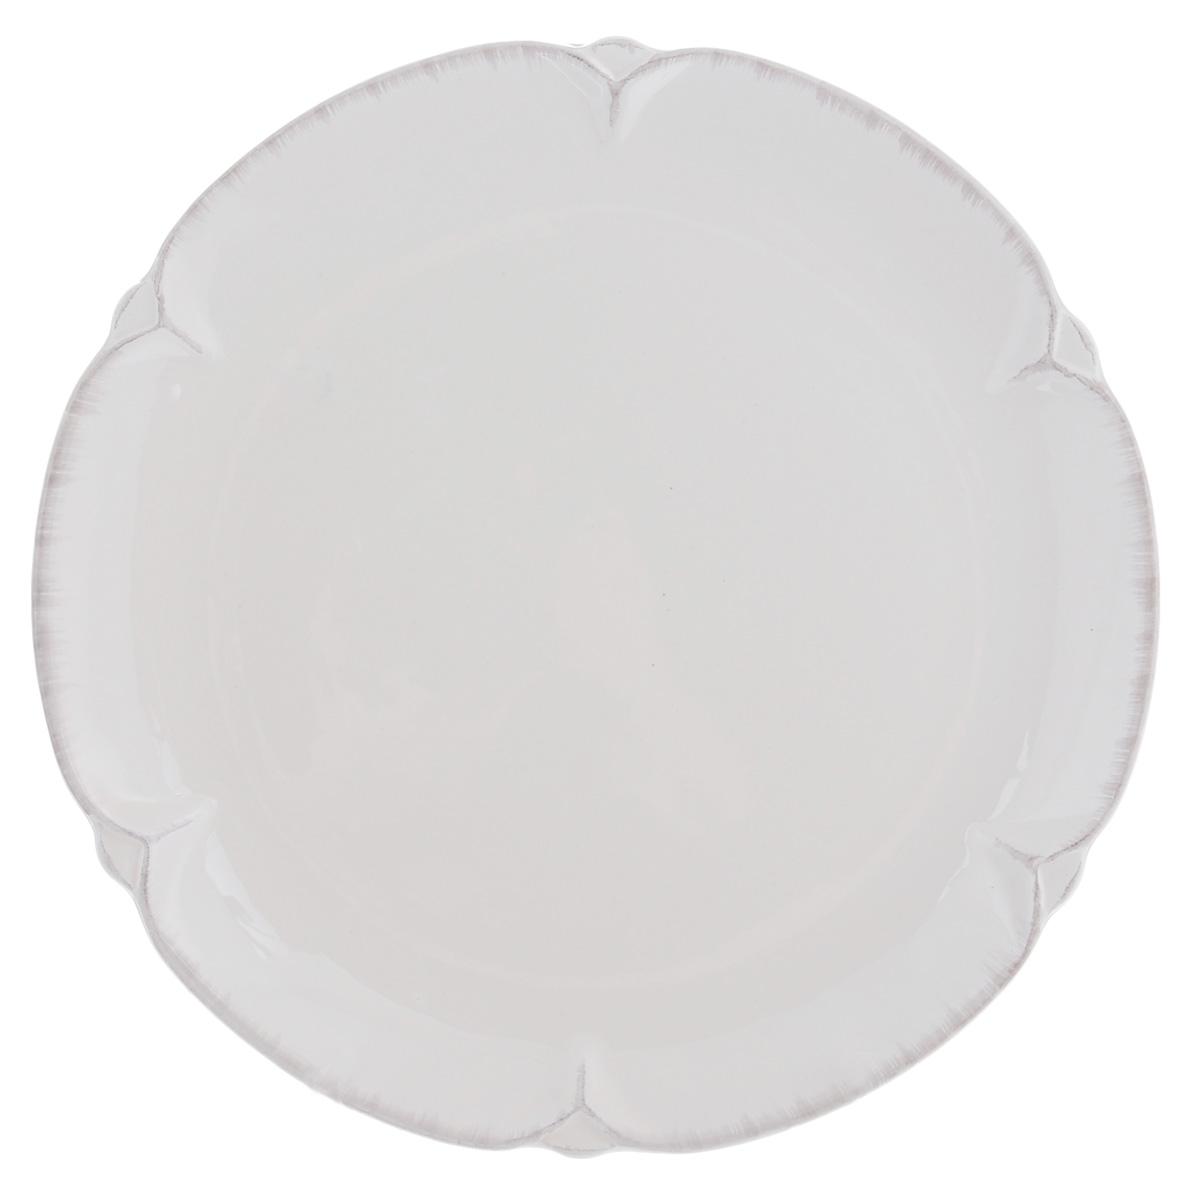 Тарелка Lillo Ideal, цвет: молочный, диаметр 26 см214204Тарелка Lillo Ideal прекрасно подойдет для сервировки вторых блюд. Изделие изготовлено из керамики и оснащено рельефными неровными краями. Такое оформление придется по вкусу и ценителям классики, и тем, кто предпочитает утонченность и изысканность. Тарелка Lillo Ideal украсит сервировку вашего стола и подчеркнет прекрасный вкус хозяина, а также станет отличным подарком. Можно использовать в посудомоечной машине и микроволновой печи.